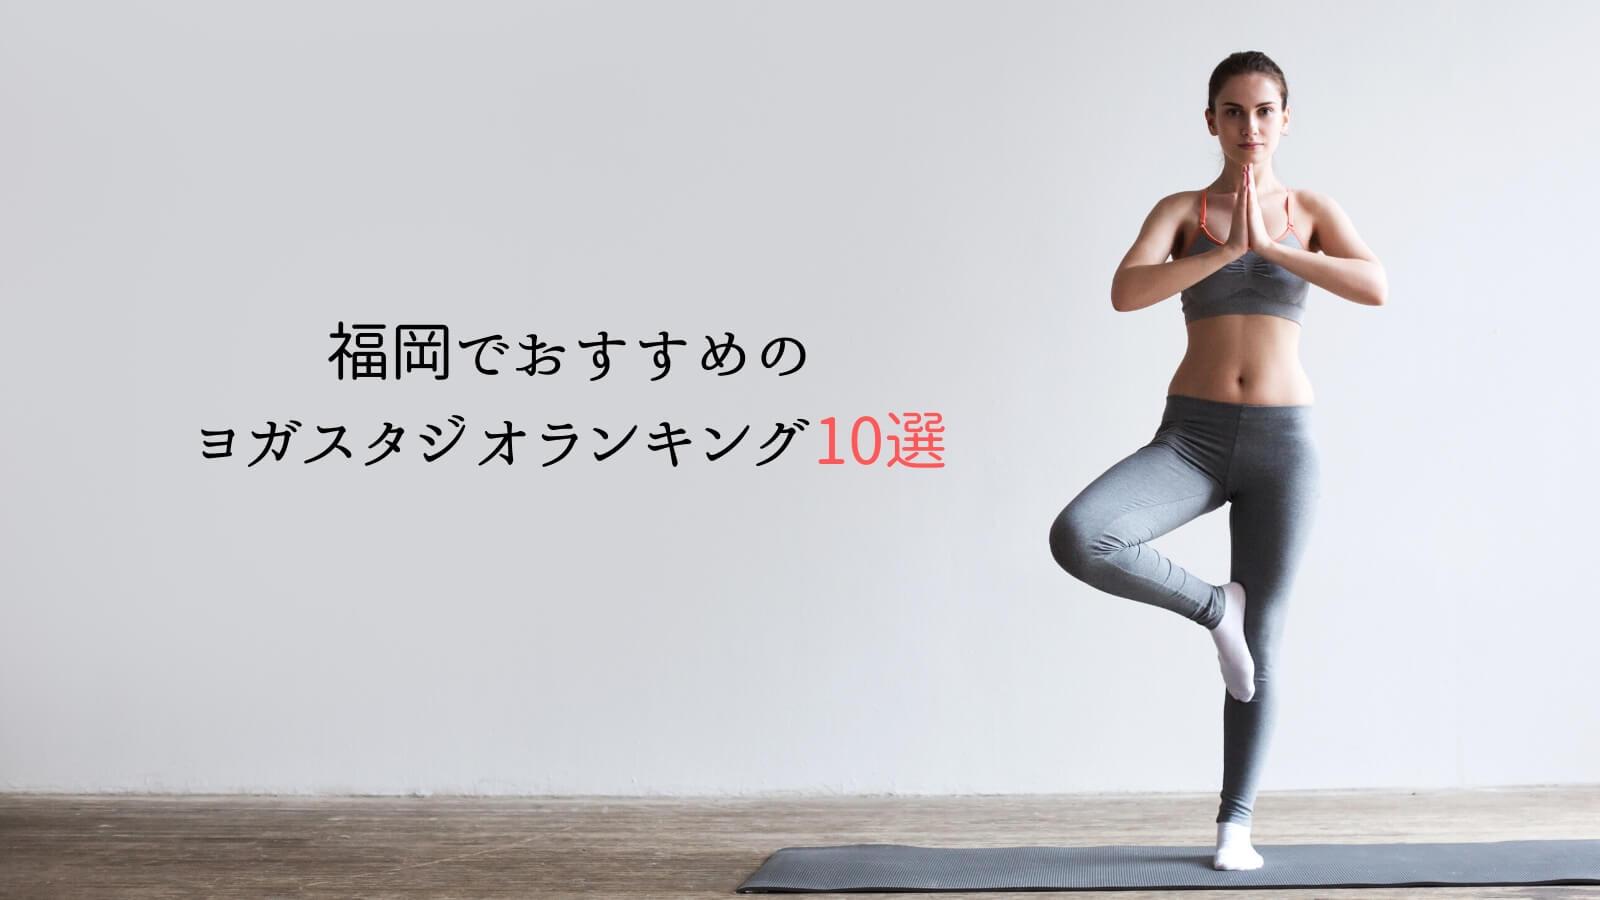 福岡でおすすめのヨガスタジオランキング10選